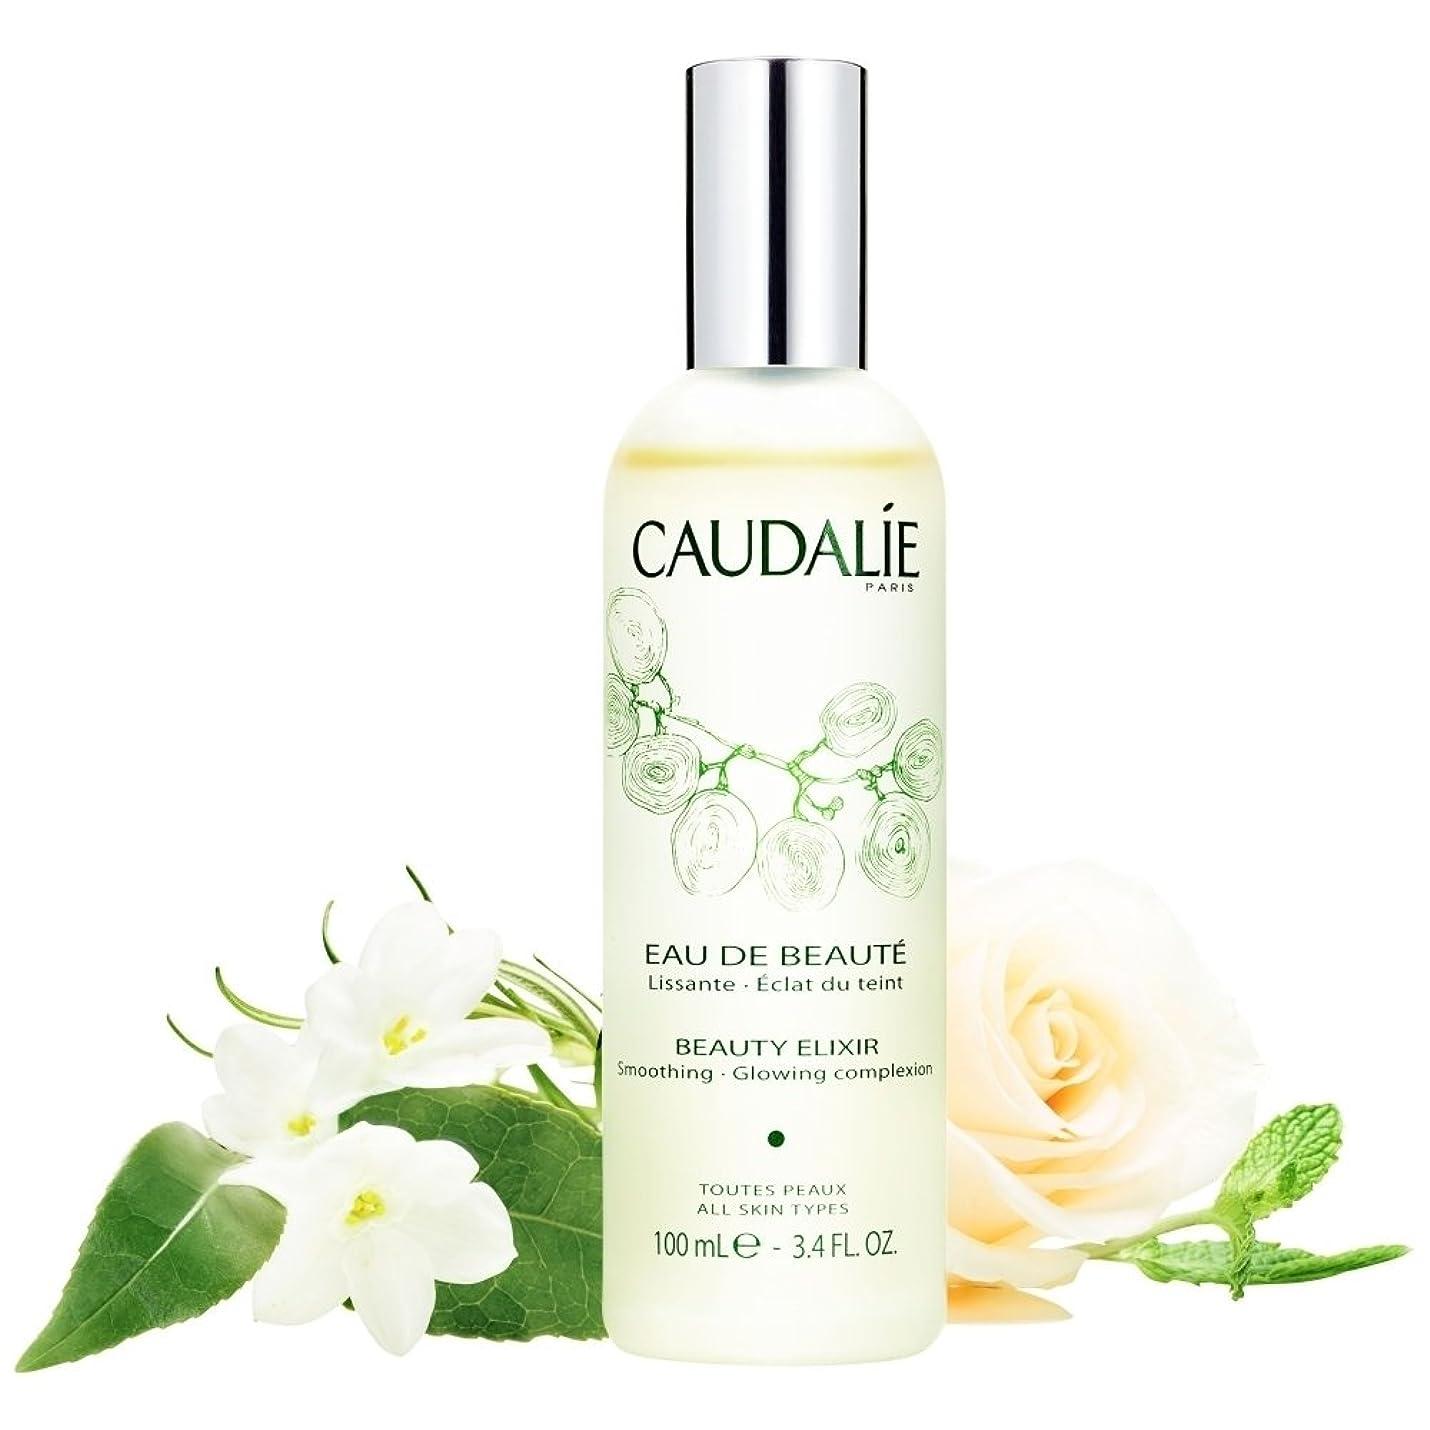 見通し高層ビルモスコーダリー美容エリキシル、100ミリリットル (Caudalie) - Caudalie Beauty Elixir, 100ml [並行輸入品]